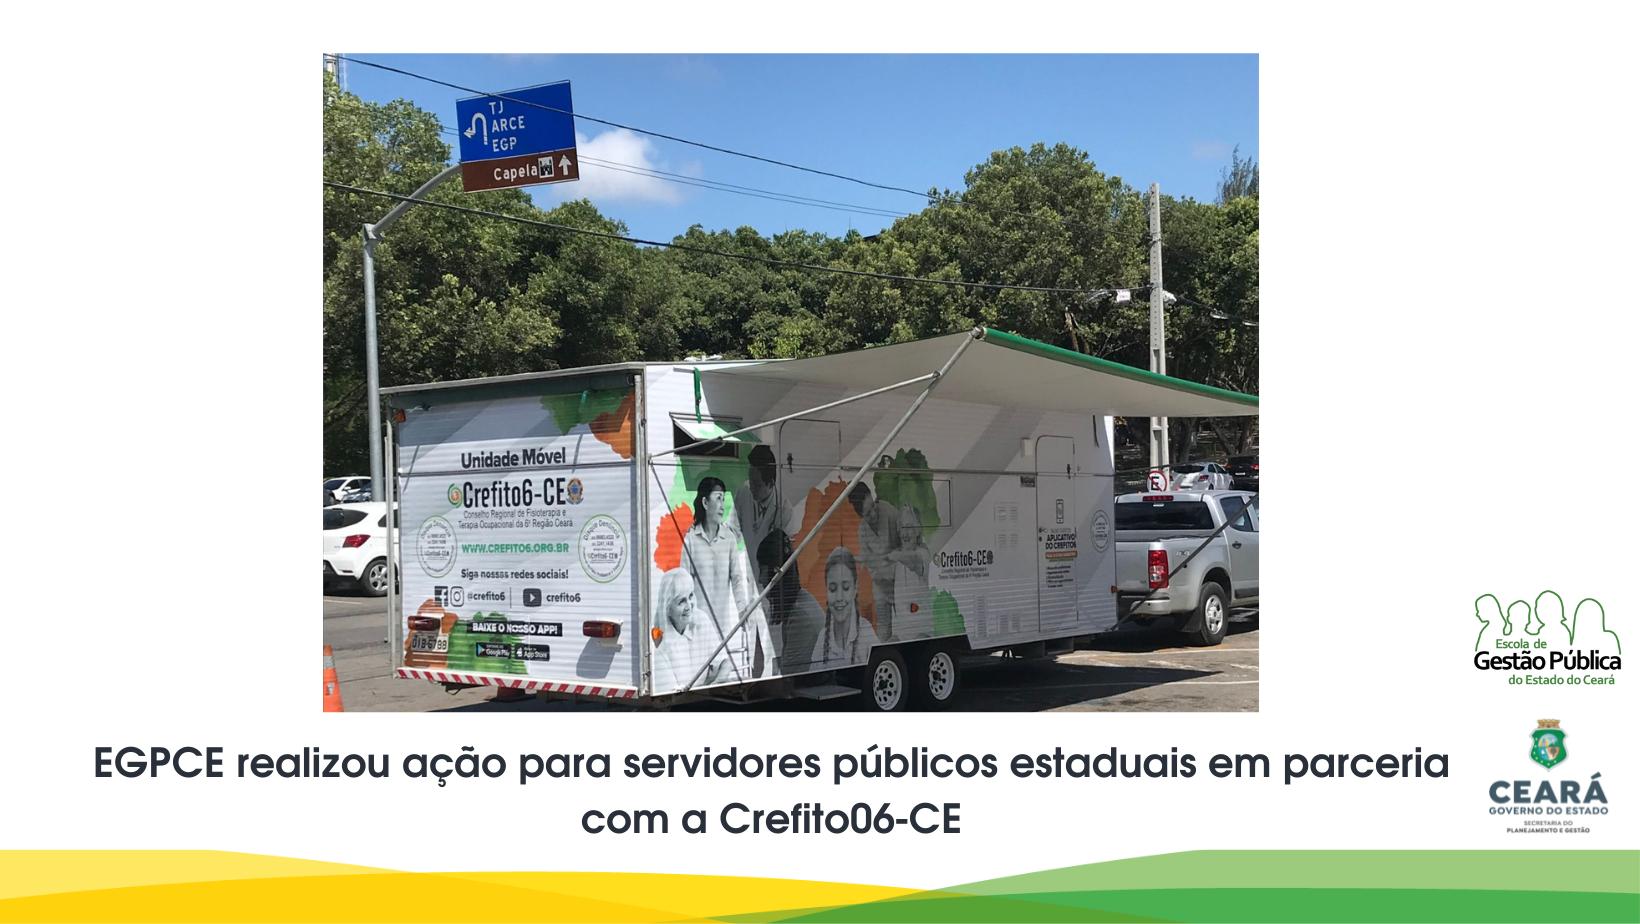 EGPCE realizou ação para servidores públicos estaduais em parceria com a Crefito06-CE